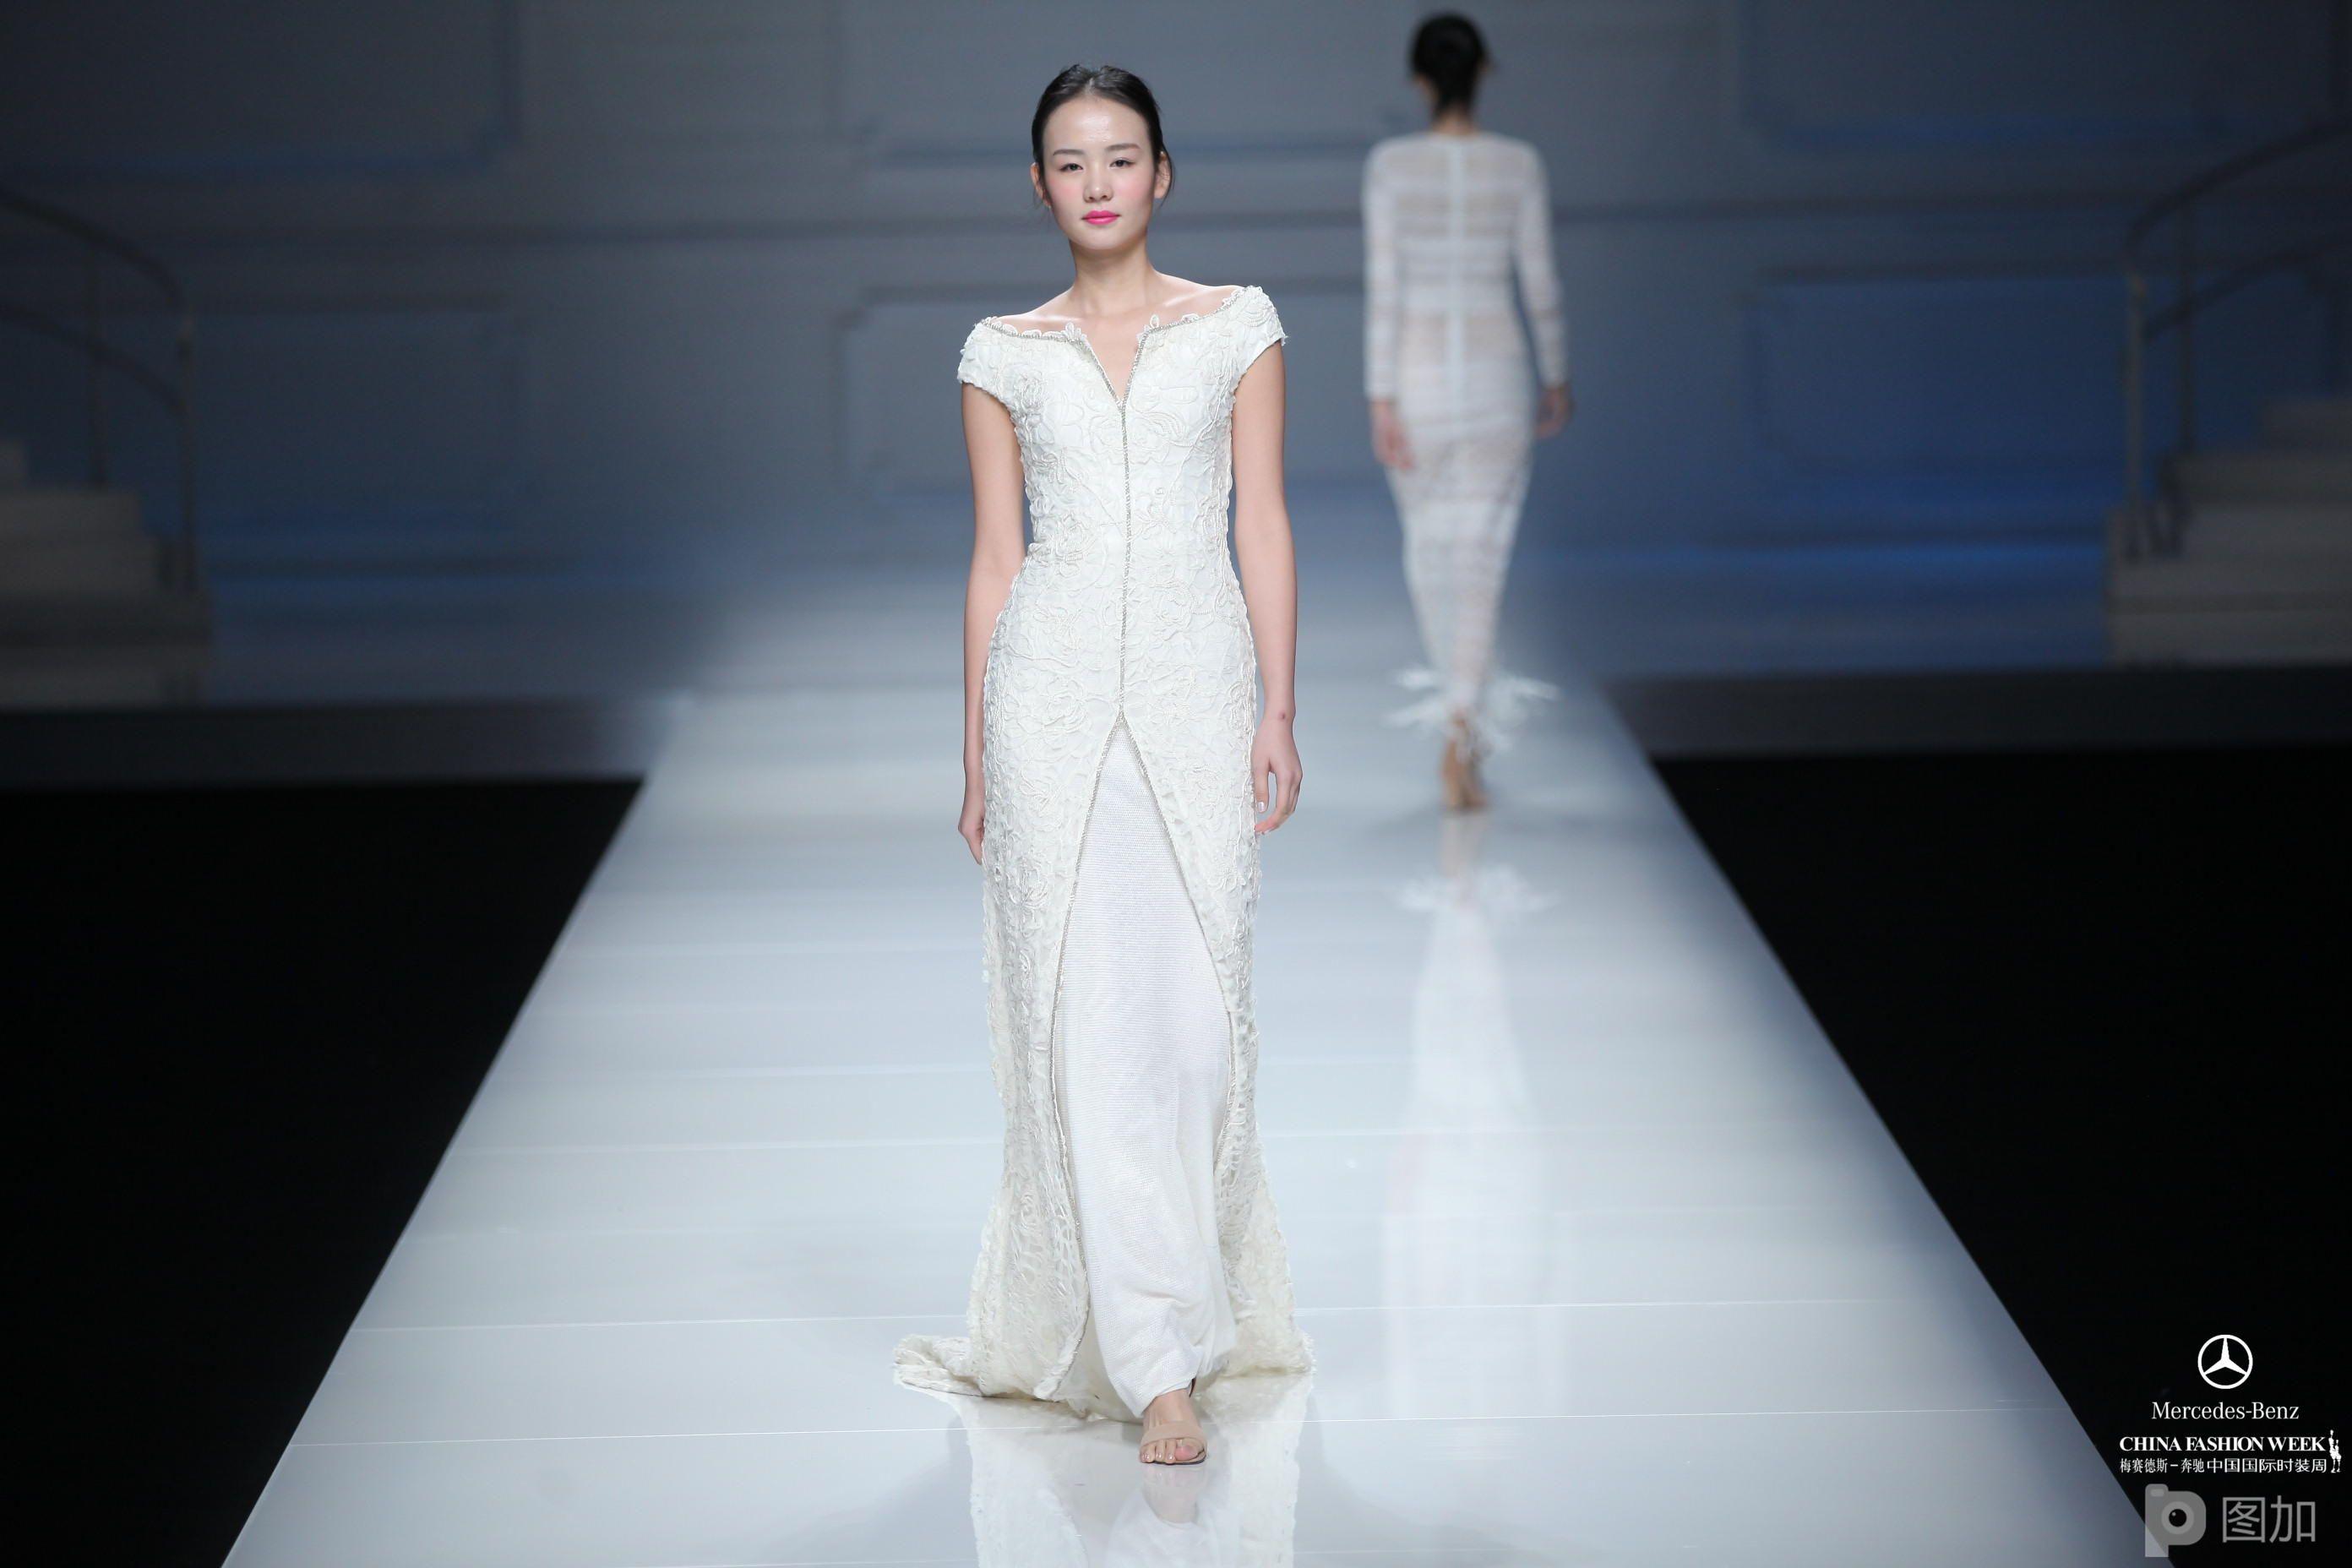 中国国际时装周-雪莲高级定制·王燕喃时装发布会